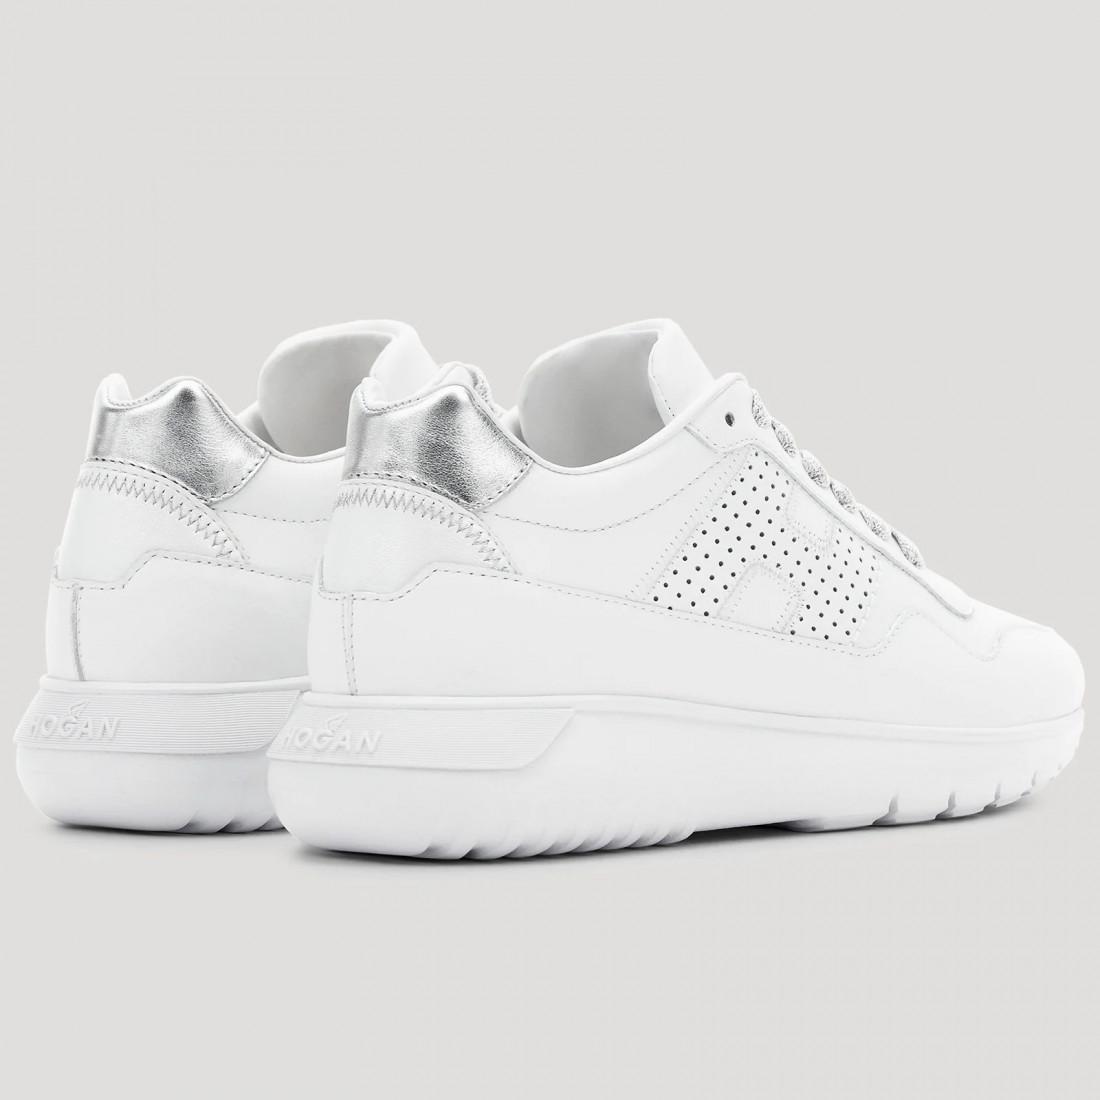 Sneaker donna Hogan Interactive 3 bianca e argento in pelle